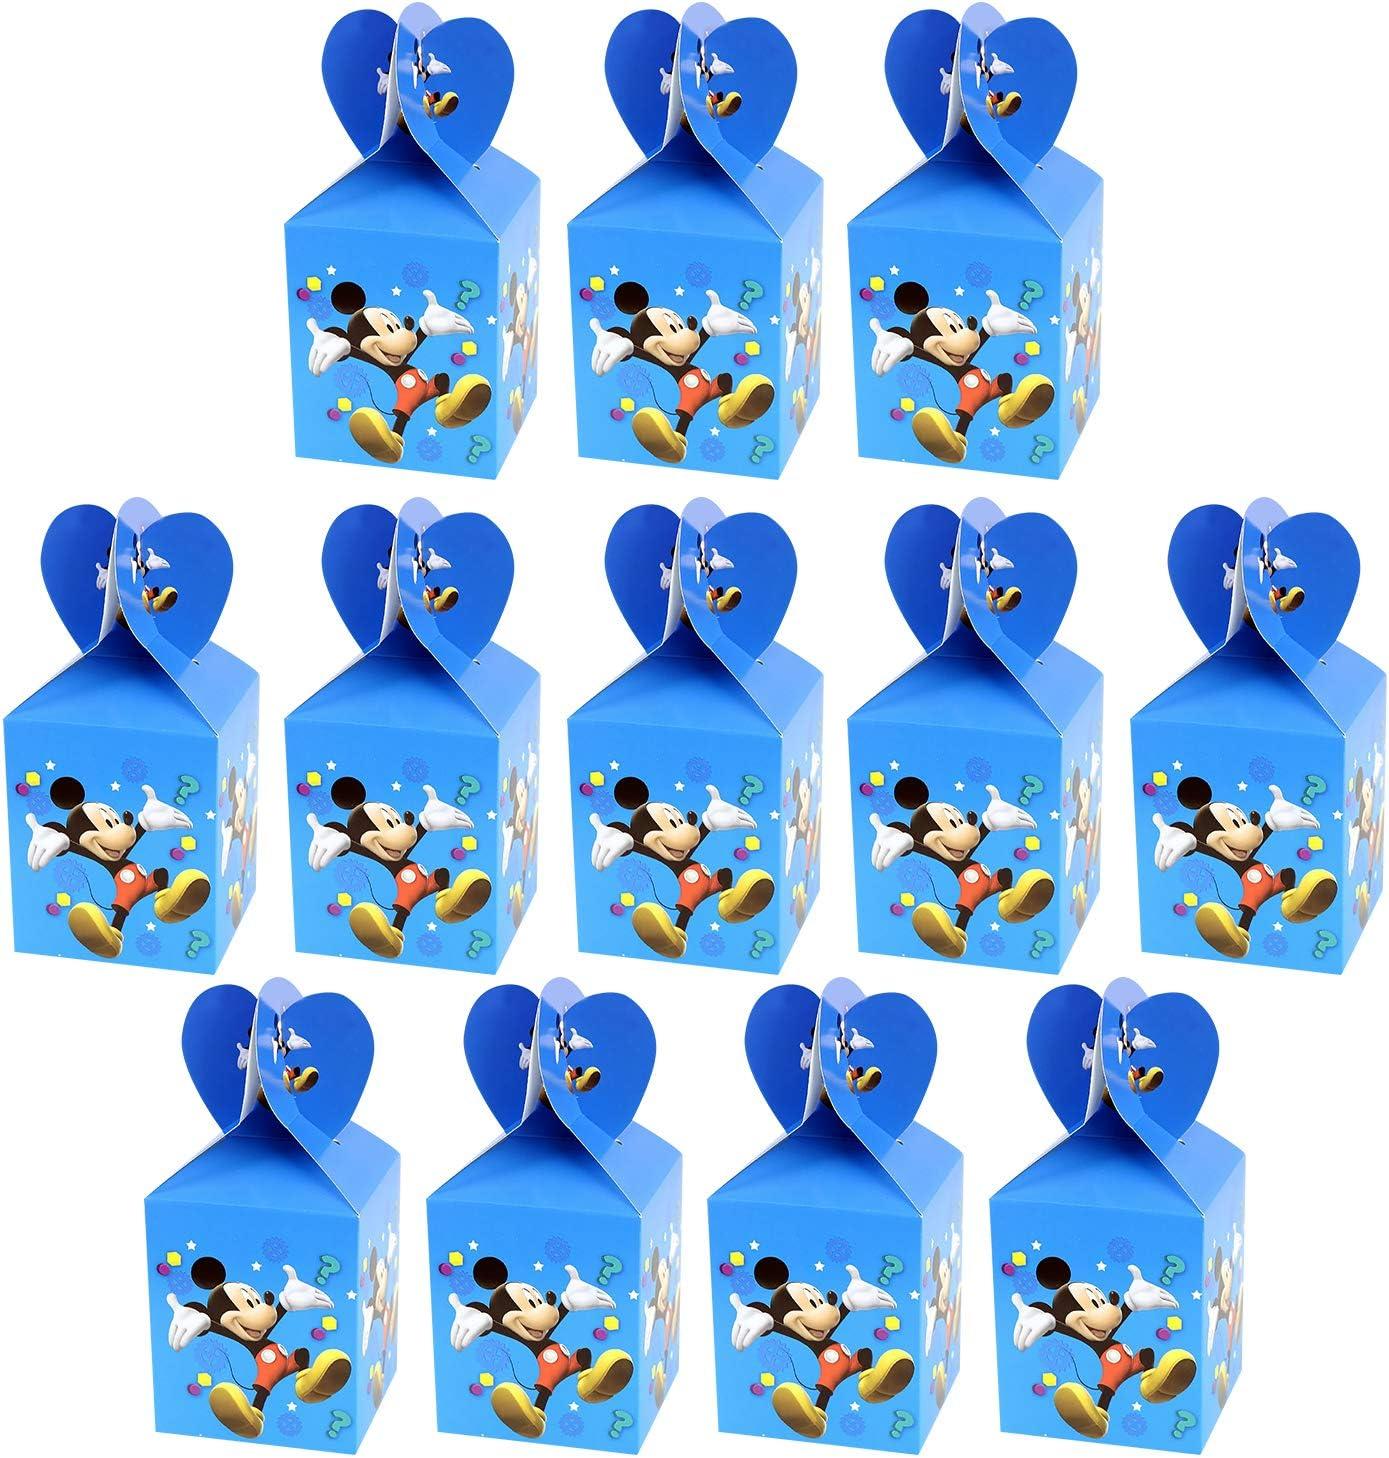 Qemsele Cajas De Fiesta Bolsas de cumpleaños, 12Pcs Regalo Cajas, Cajas de Caramelo Tema Reutilizable Bolsas de Fiesta Bolsas para cumpleaños niños la Fiesta favorece la Bolsa Bolsas Fiesta (Mickey)